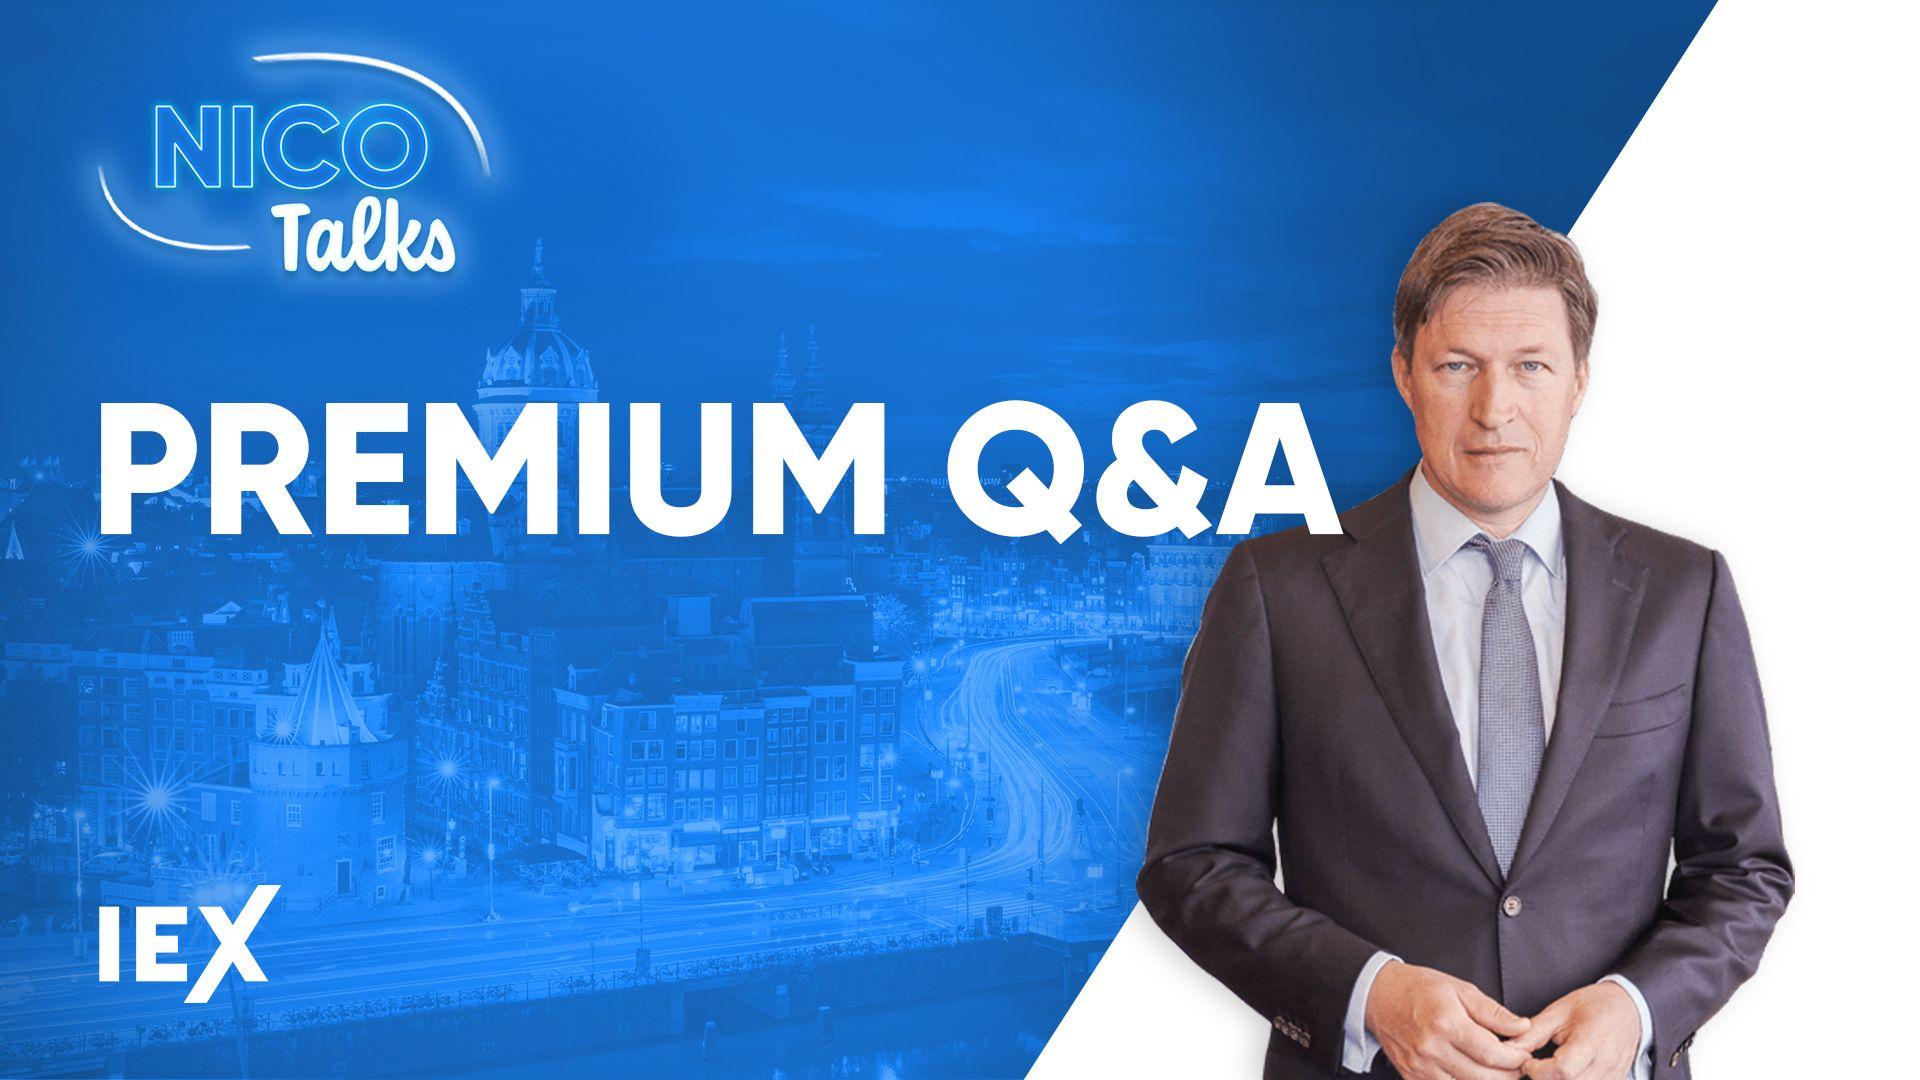 Nieuw: Premium Q&A met Nico Inberg!